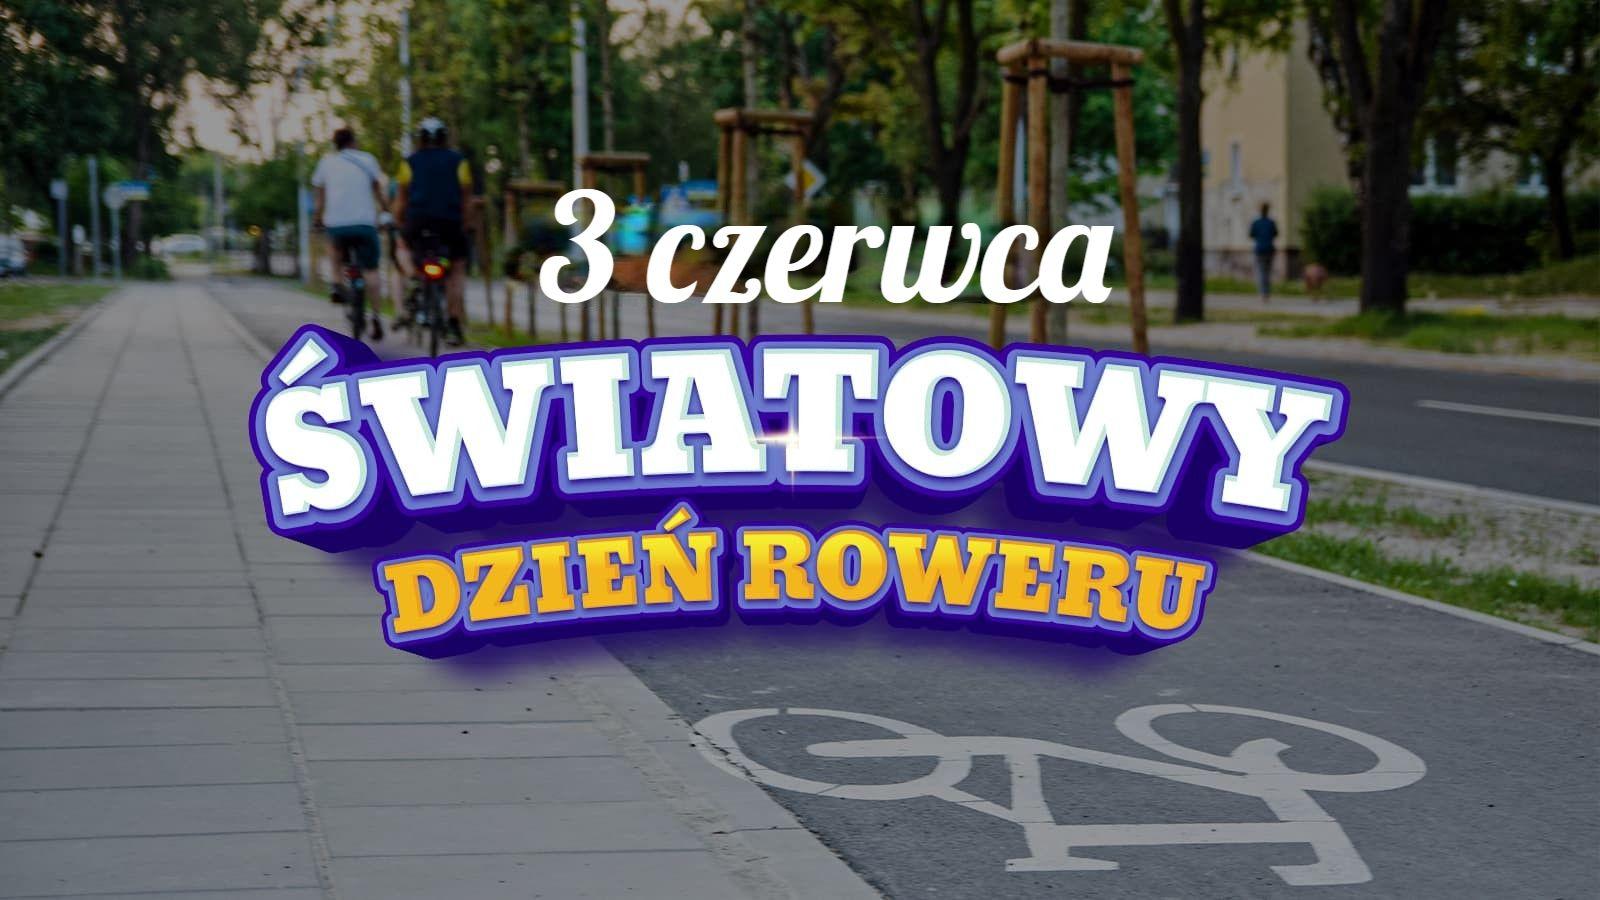 3 czerwca to Światowy Dzień Roweru. Wiesz, że polski kolarz wymyślił to święto?